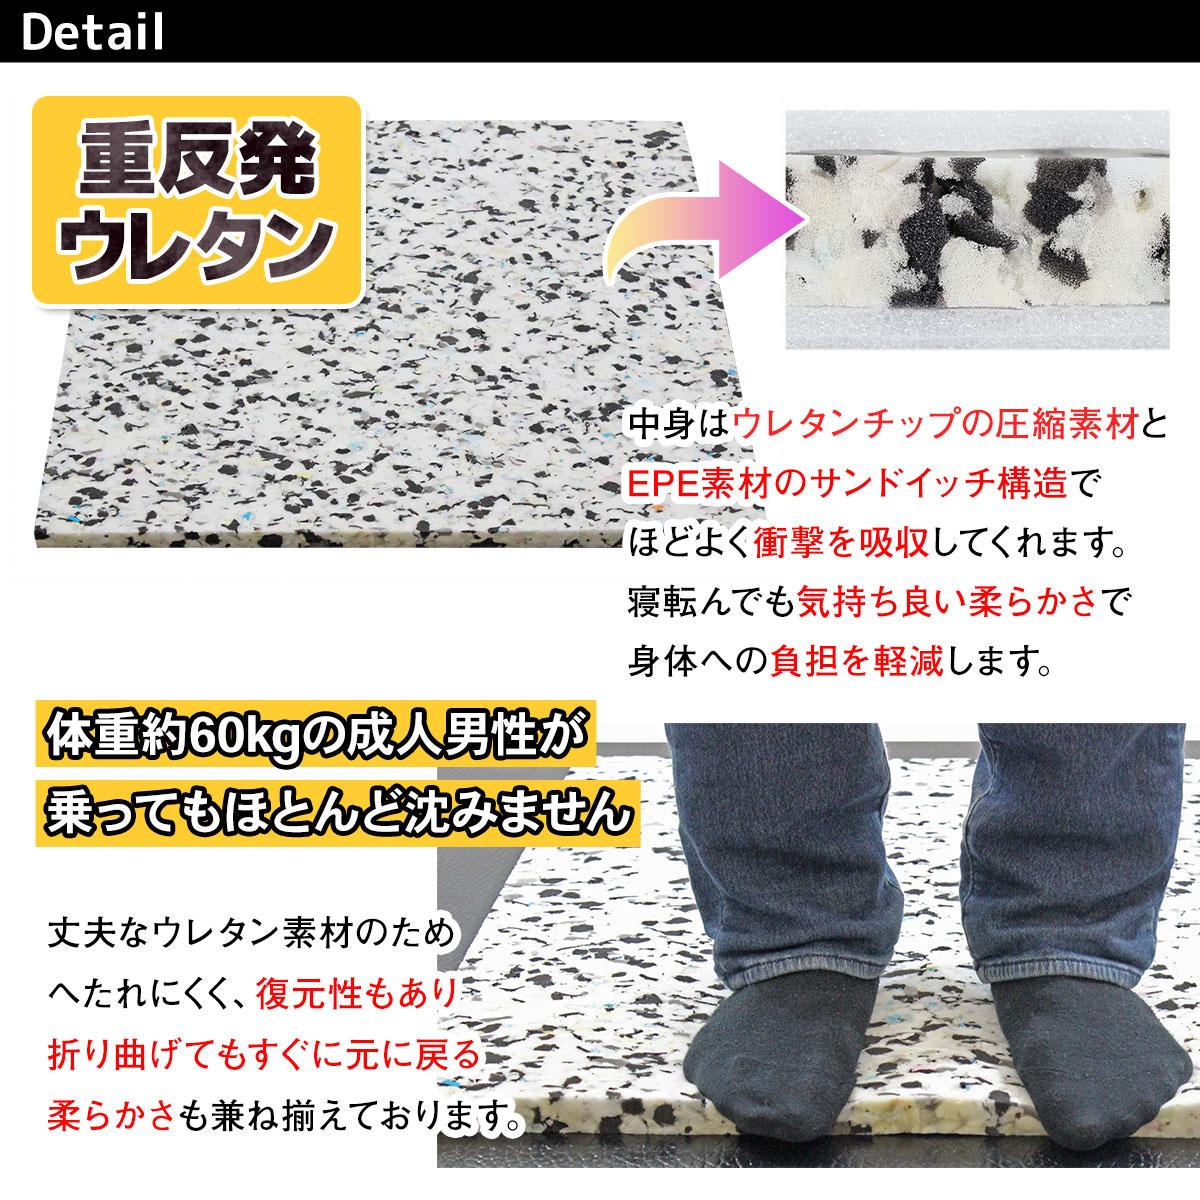 【訳あり】 重反発 マット 体操 ヨガ エクササイズ ボルダリング 防音 連結可能 180×60×4cm